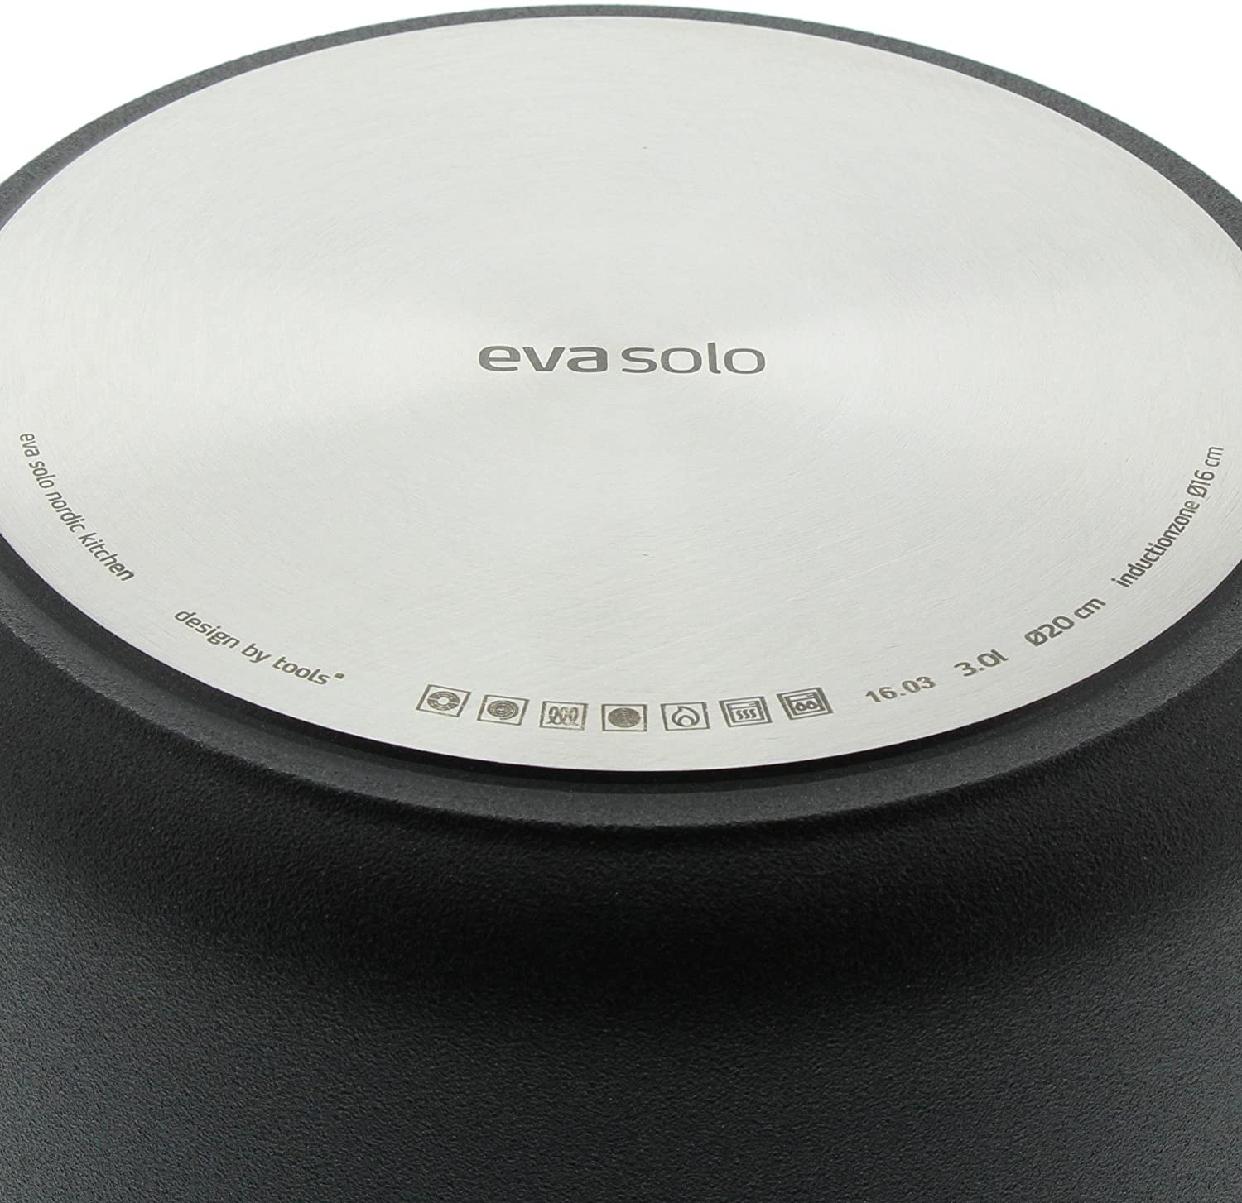 Eva Solo(エヴァソロ)両手鍋 蓋付 20cm 280230の商品画像6